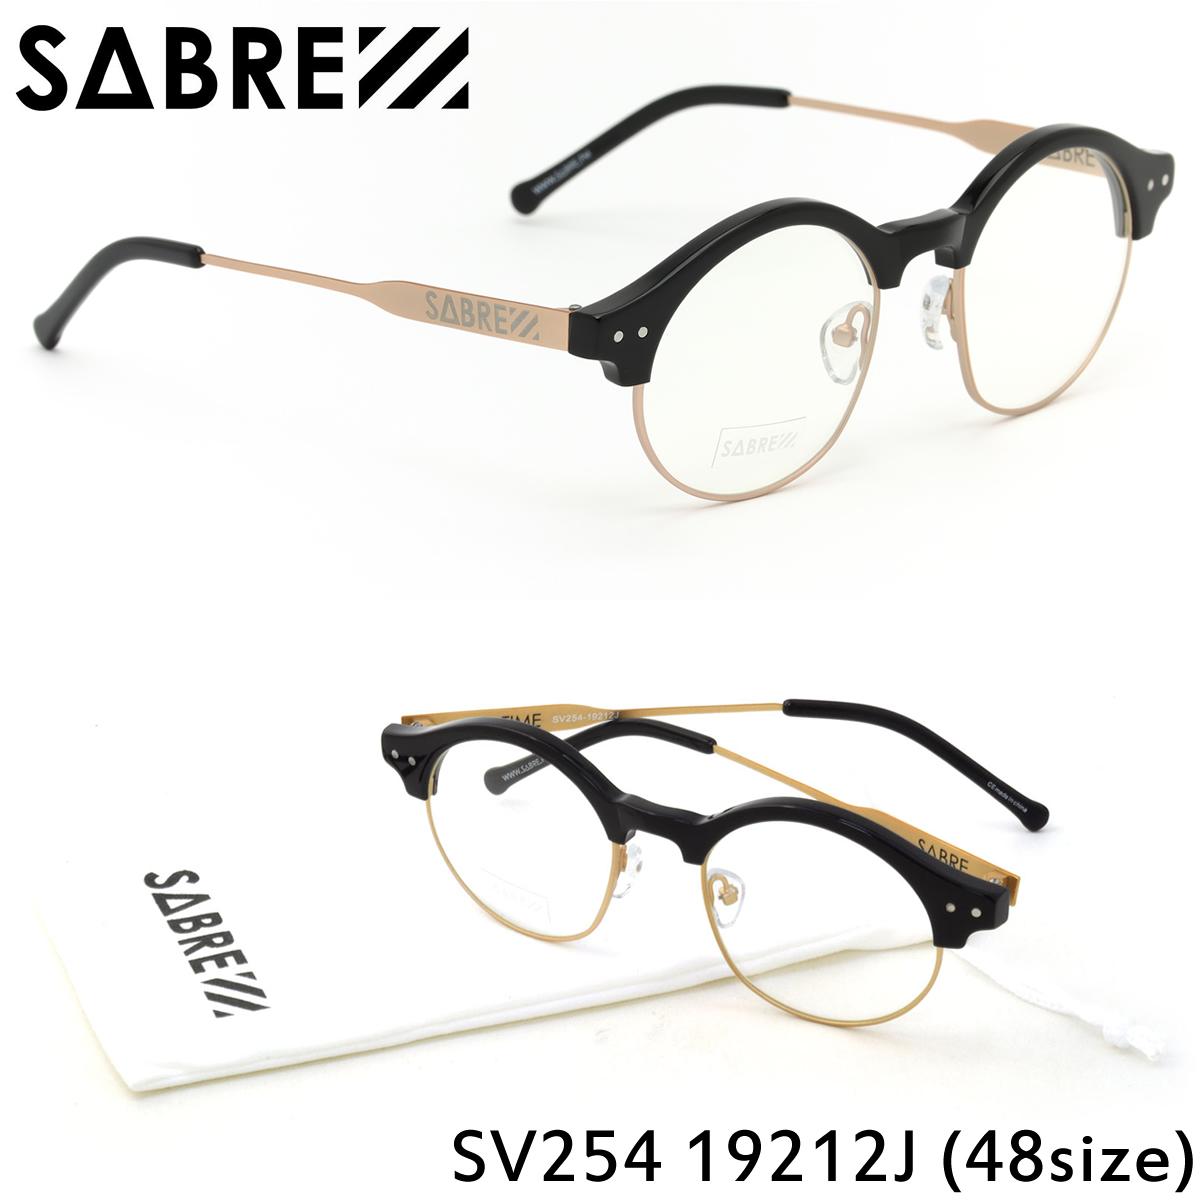 【10月30日からエントリーで全品ポイント20倍】【SABRE】(セイバー) サングラス SV254 19212J 48サイズ JAZZTIME ジャズタイム 丸メガネ ハンドメイド ボストン セイバー SABRE メンズ レディース